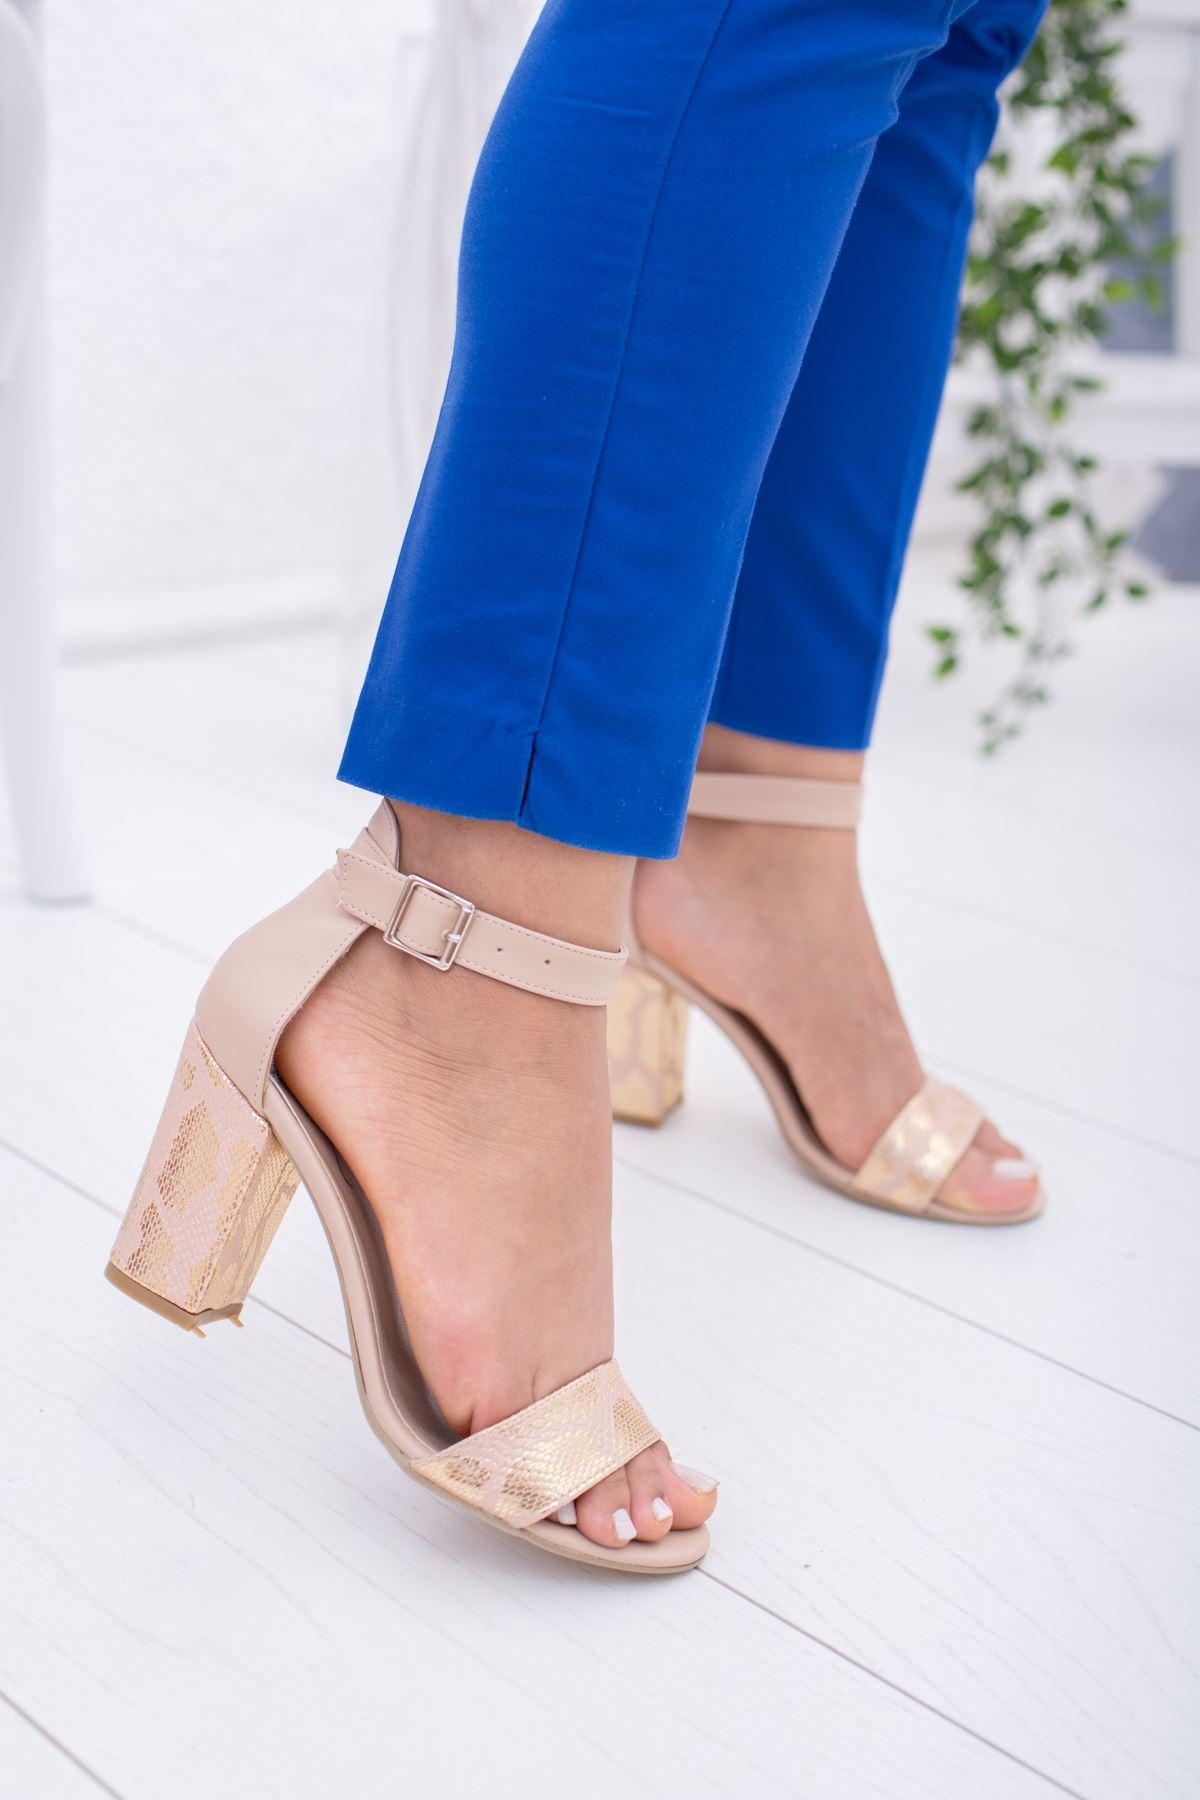 Yılan Baskılı Ökçeli Sandalet